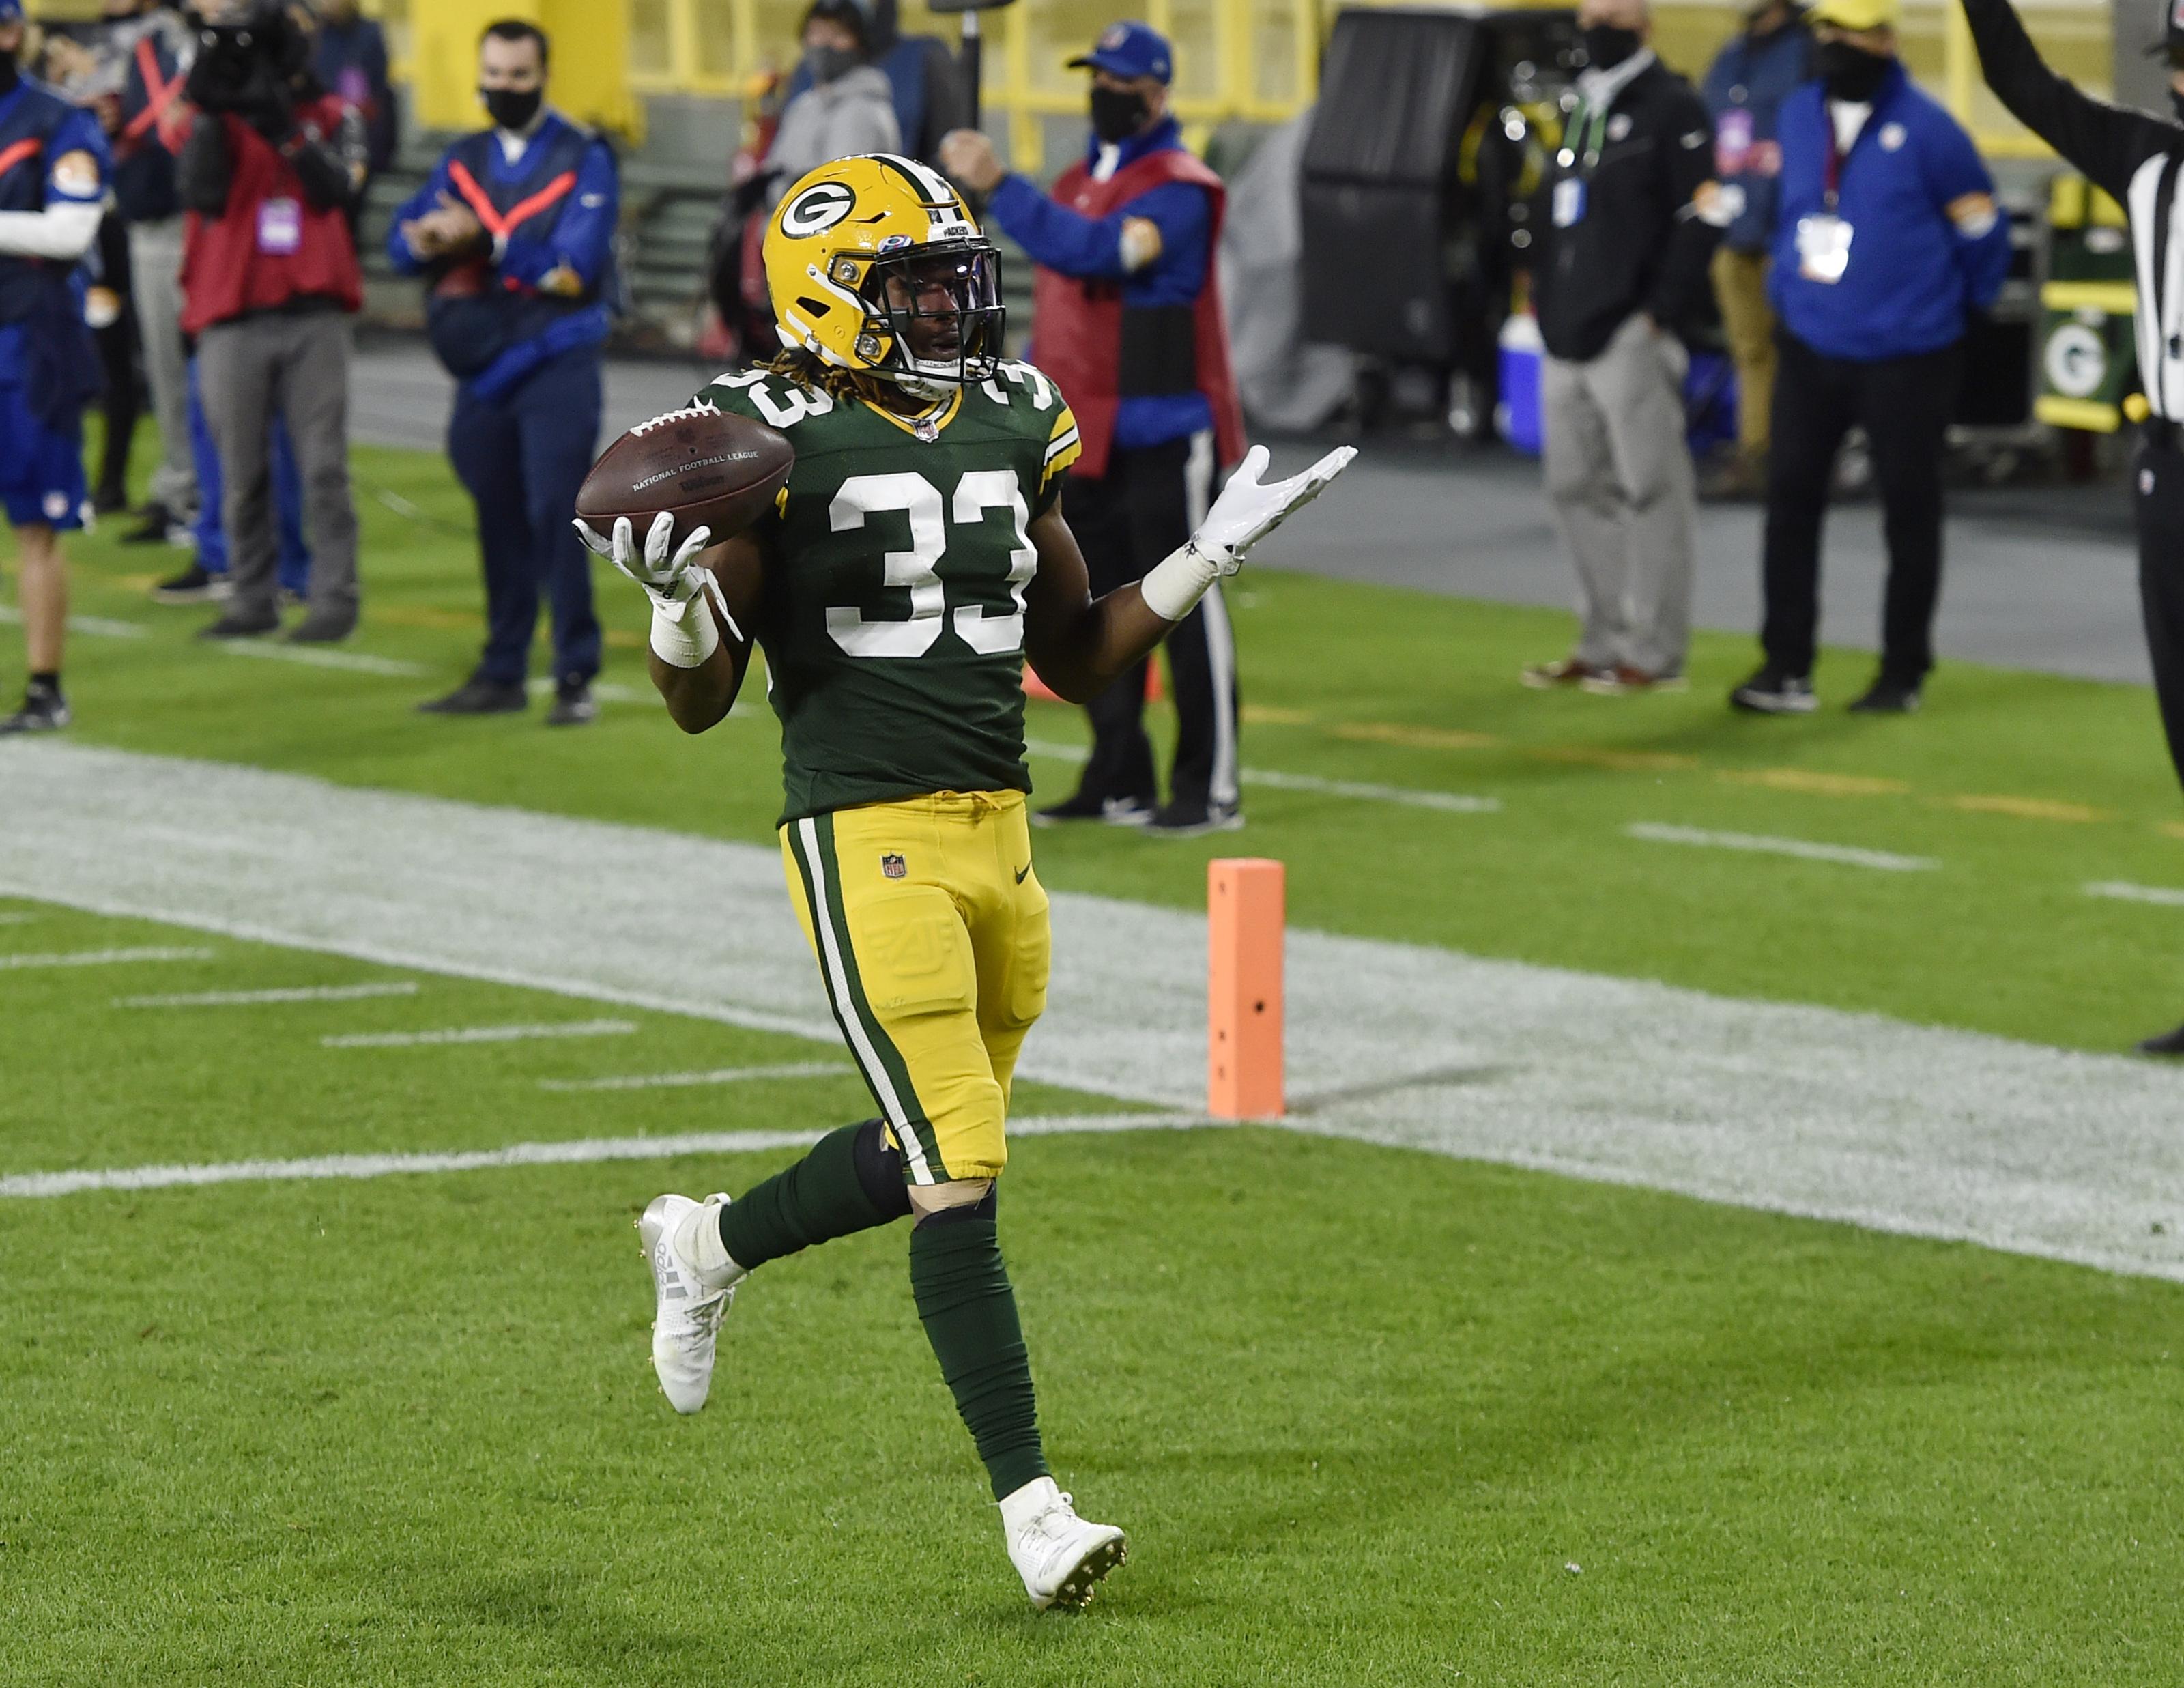 Green Bay Packers: Re-sign Aaron Jones or let him walk?